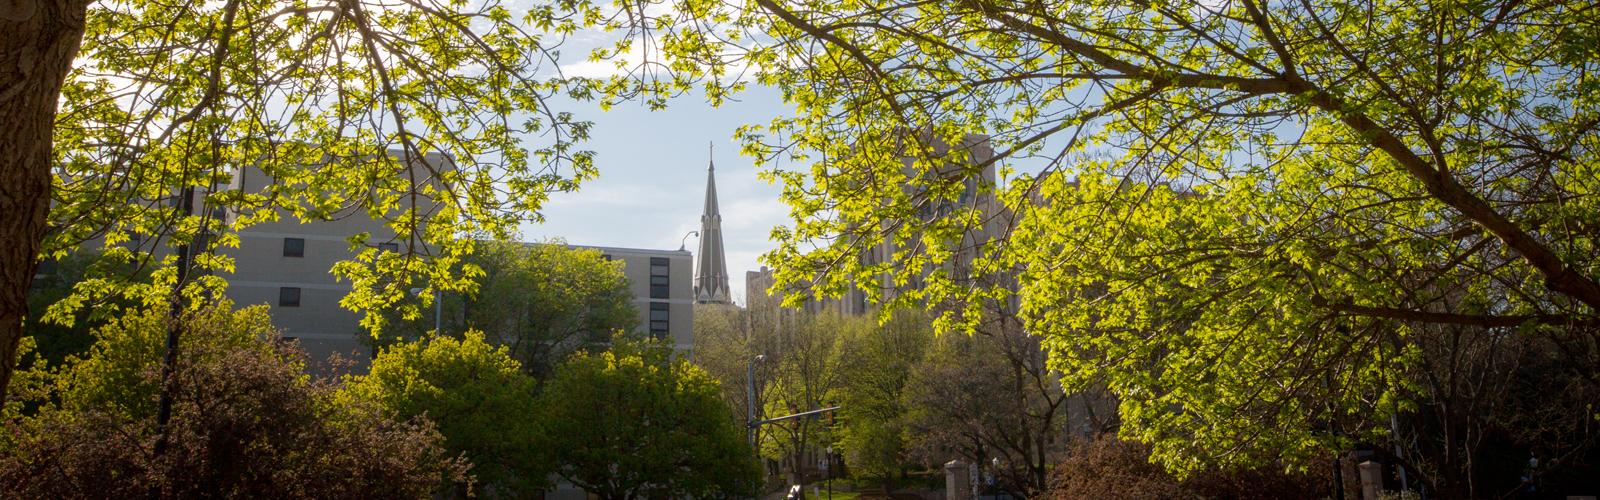 On Campus College of Professional Studies Creighton